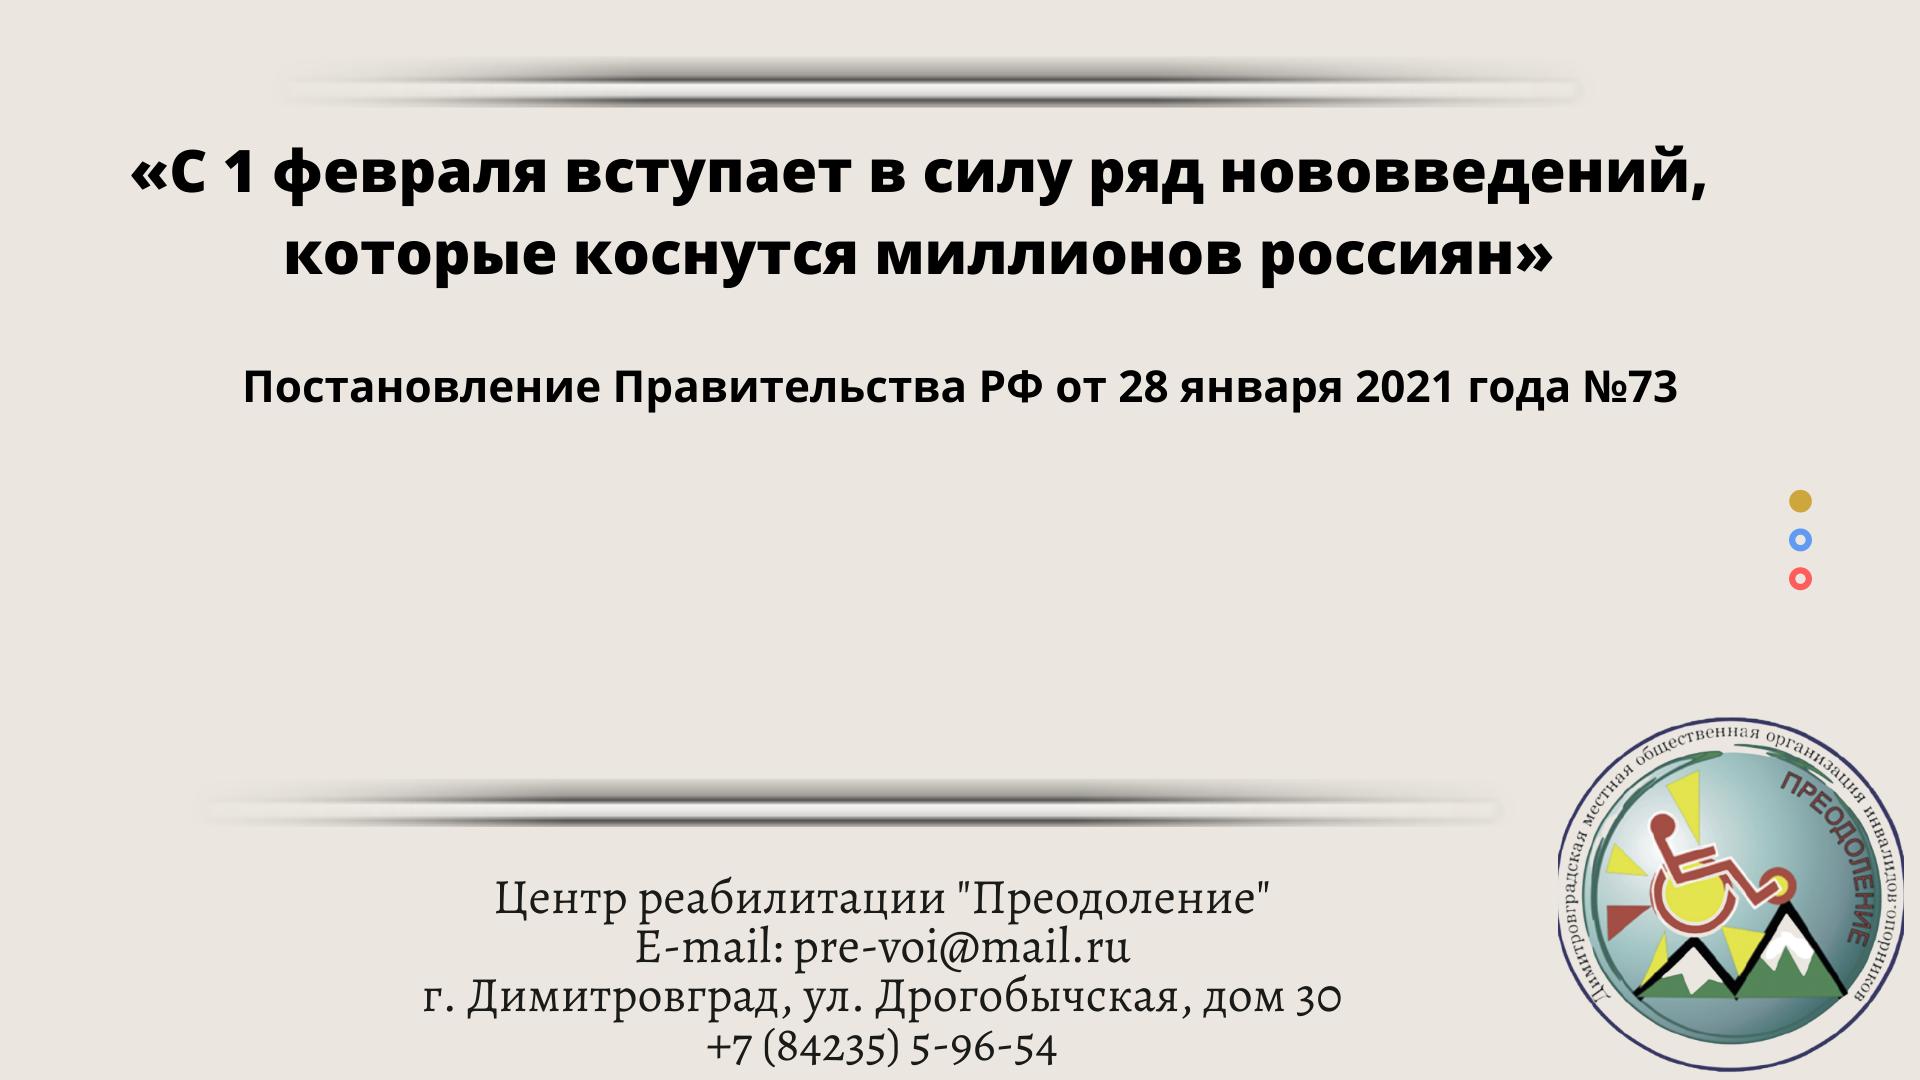 «С 1 февраля вступает в силу ряд нововведений, которые коснутся миллионов россиян»